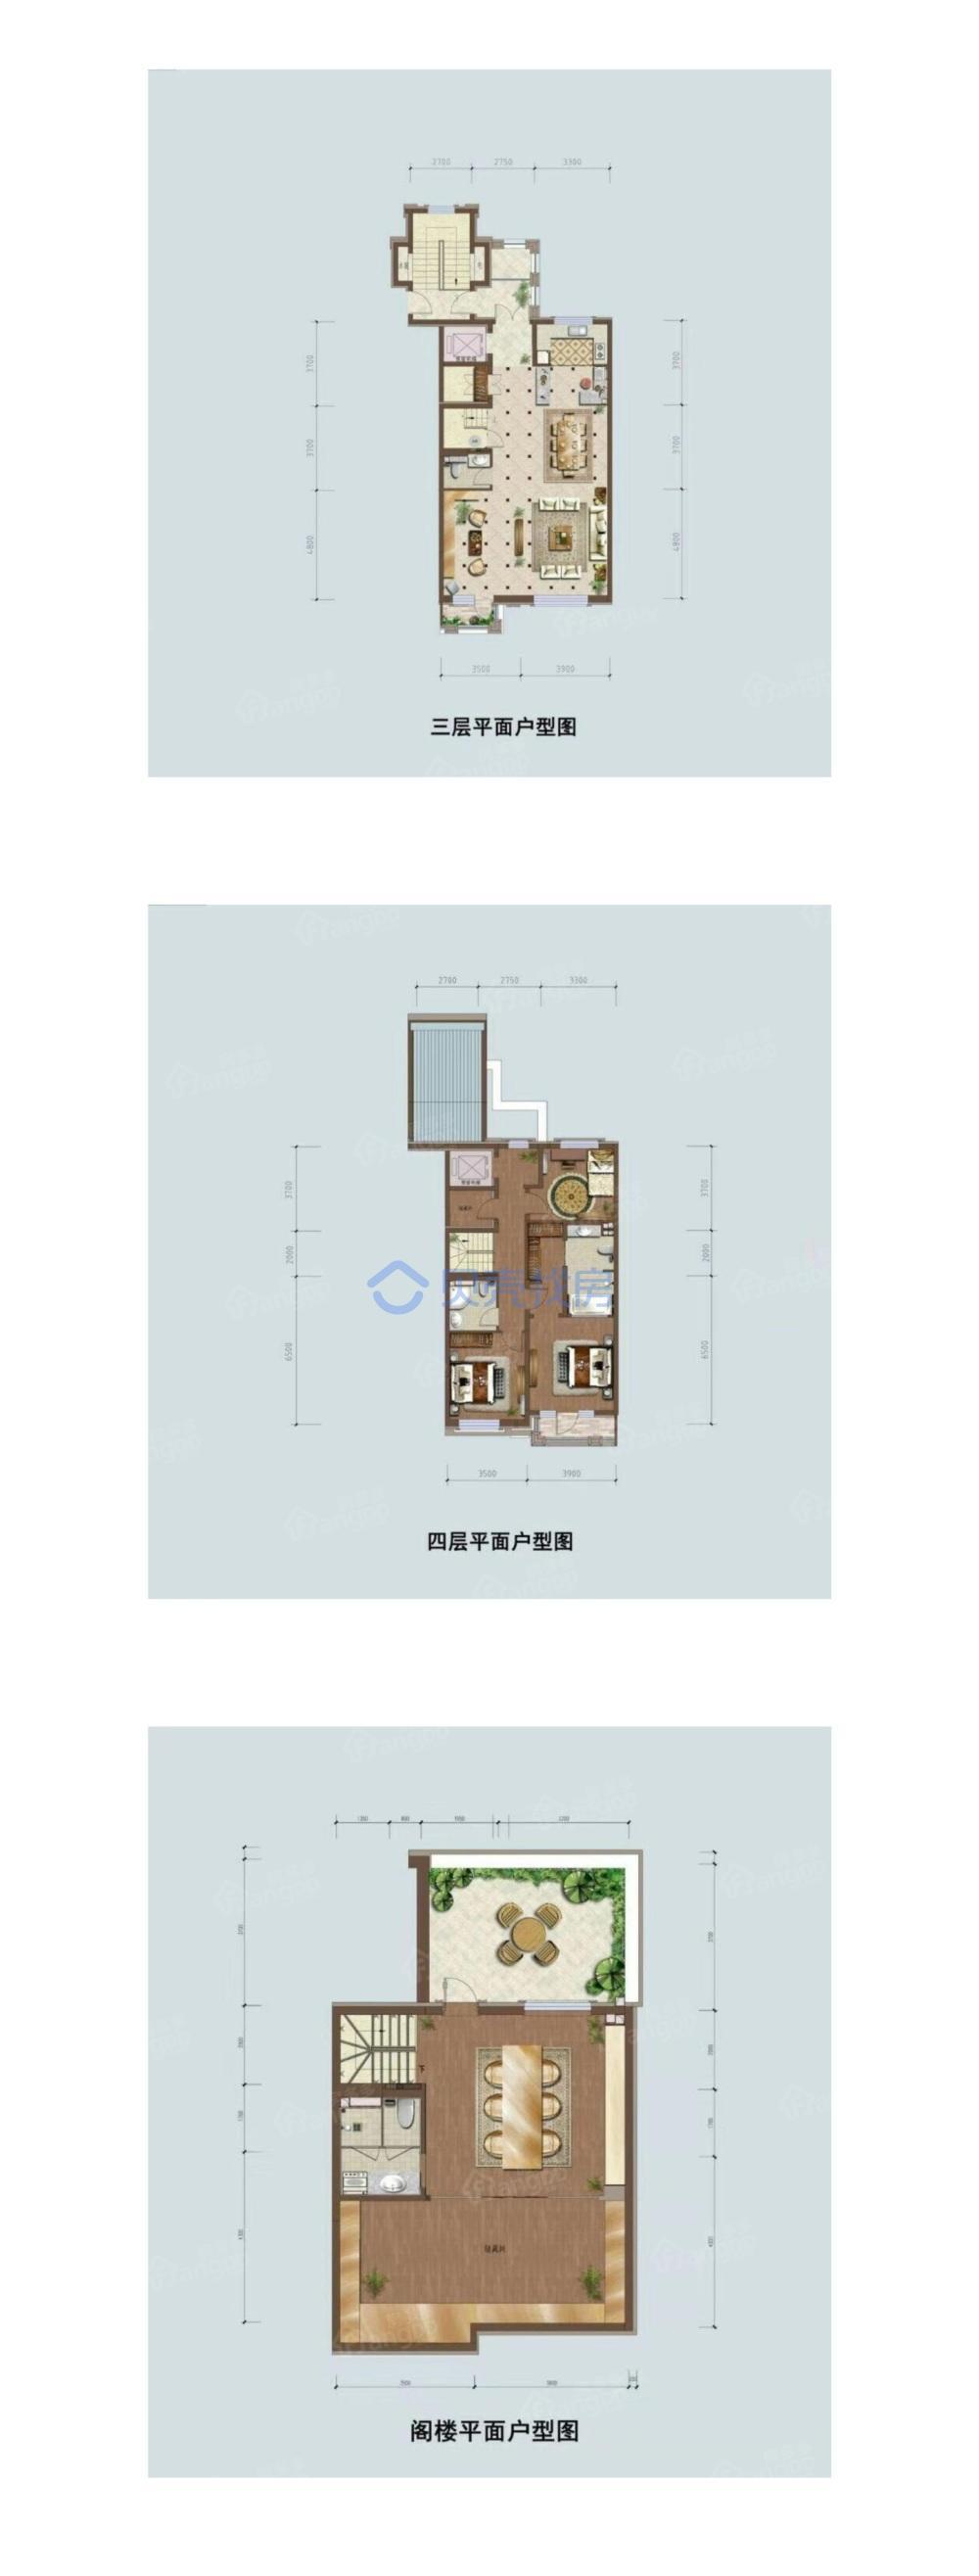 首创禧瑞墅3室3厅4卫户型图